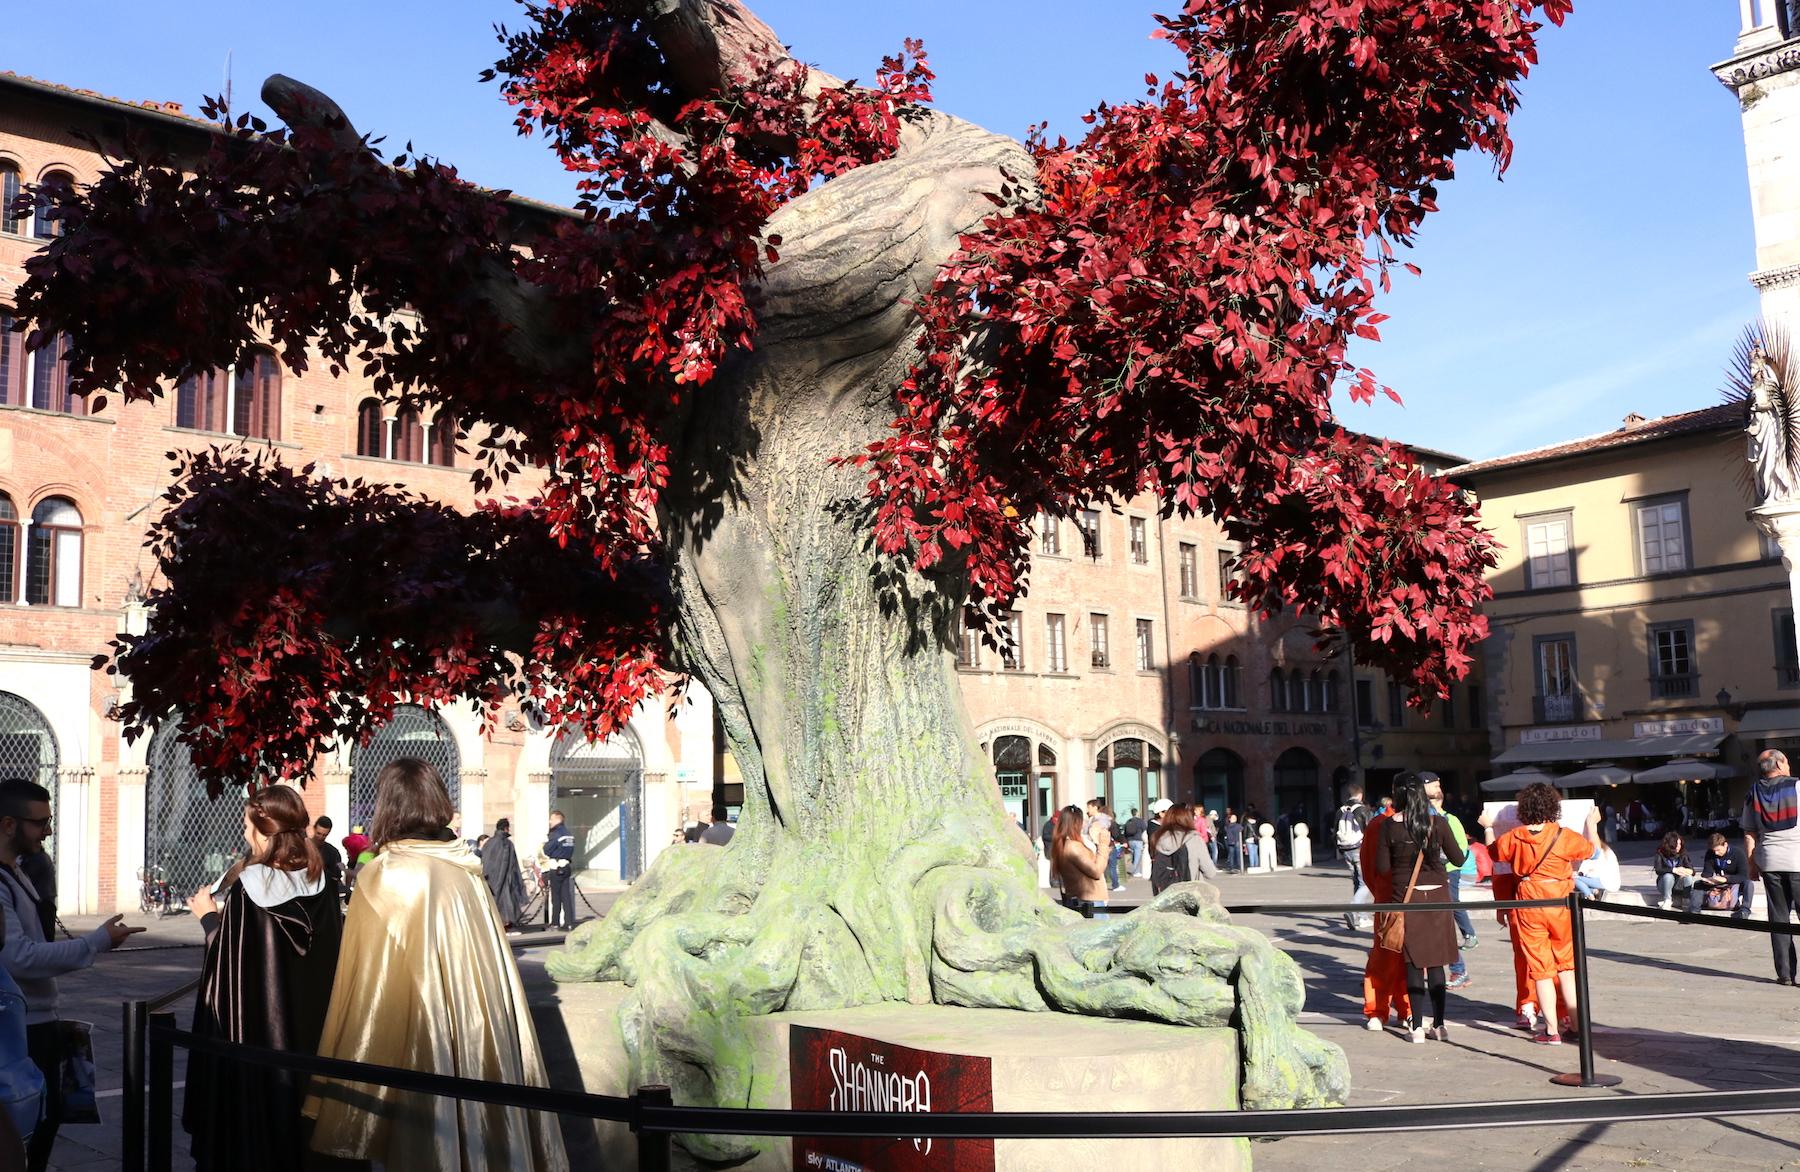 Lucca 2016: riproduzione dell'albero di Shannara